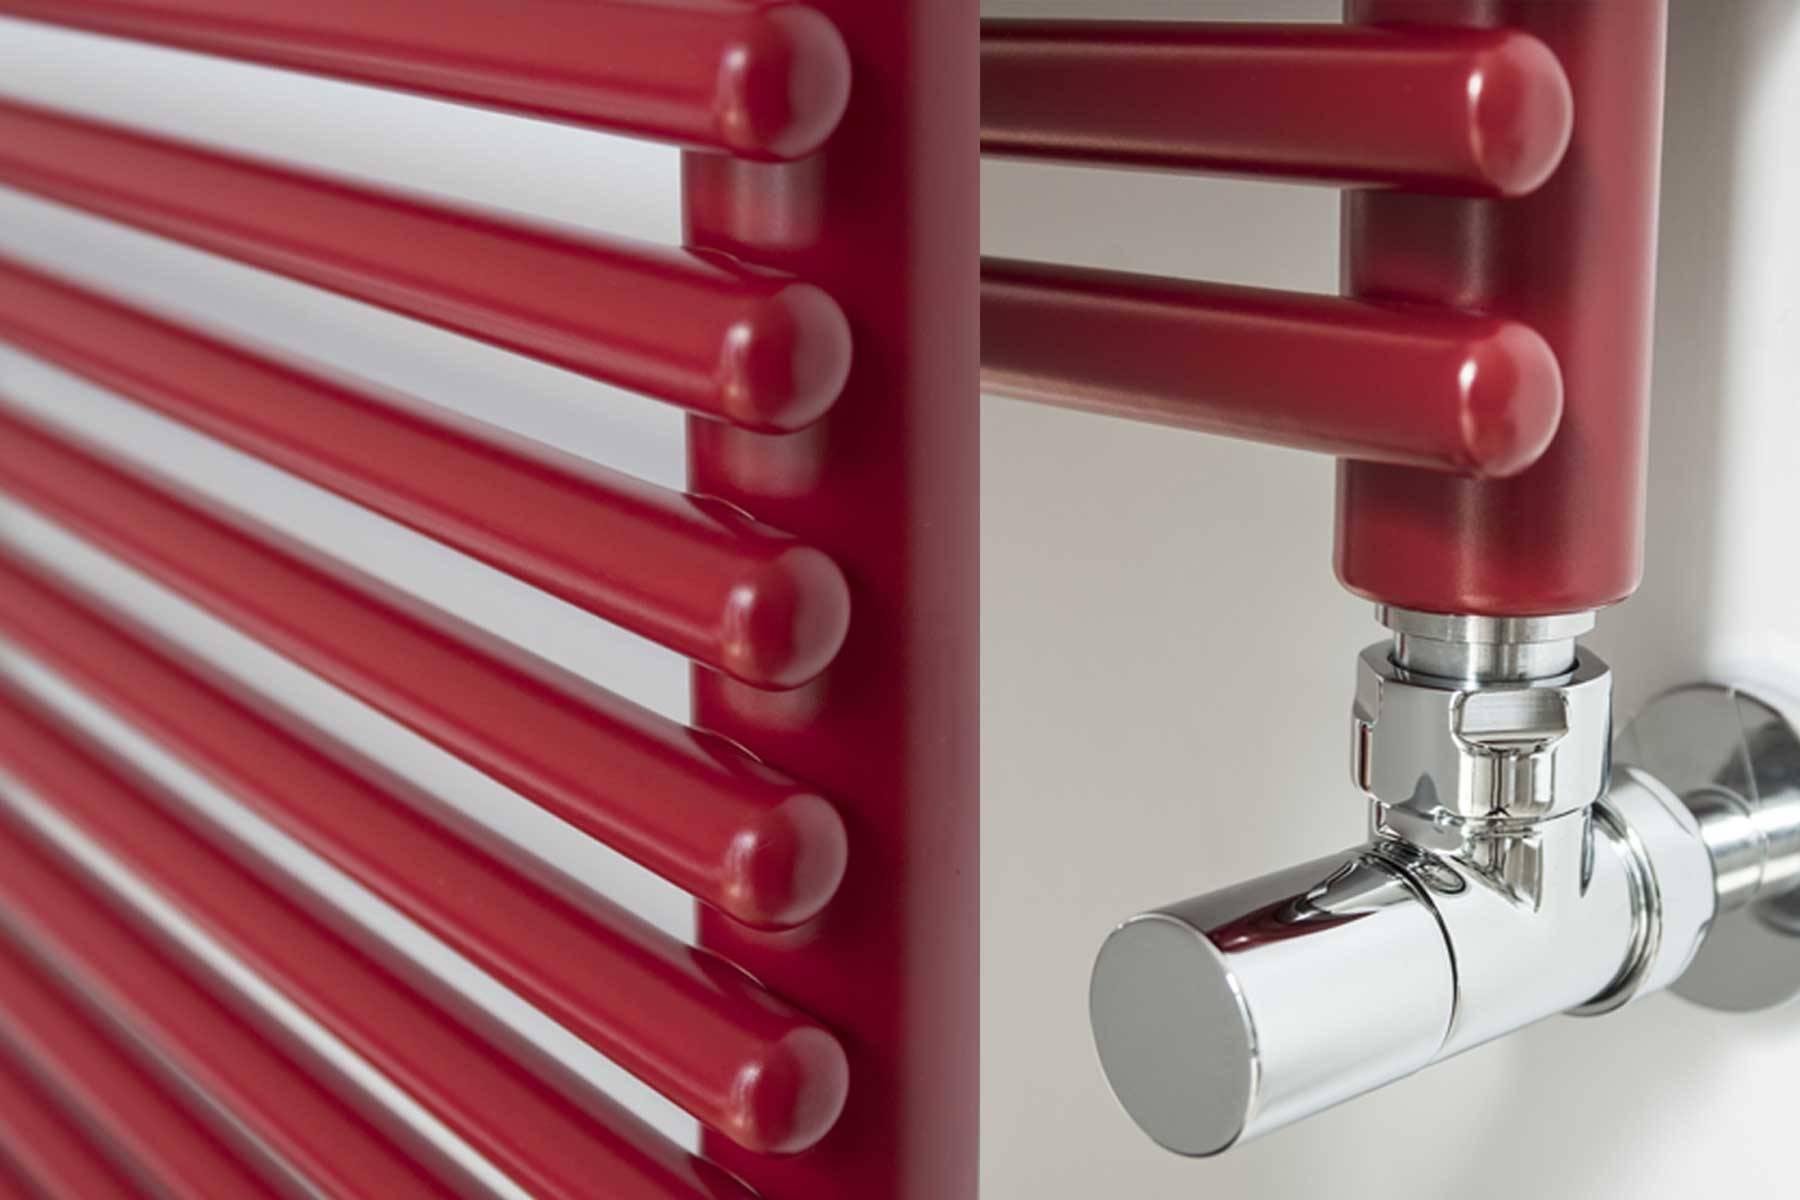 sèche-serviettes ragusa lazzarini rouge particulier